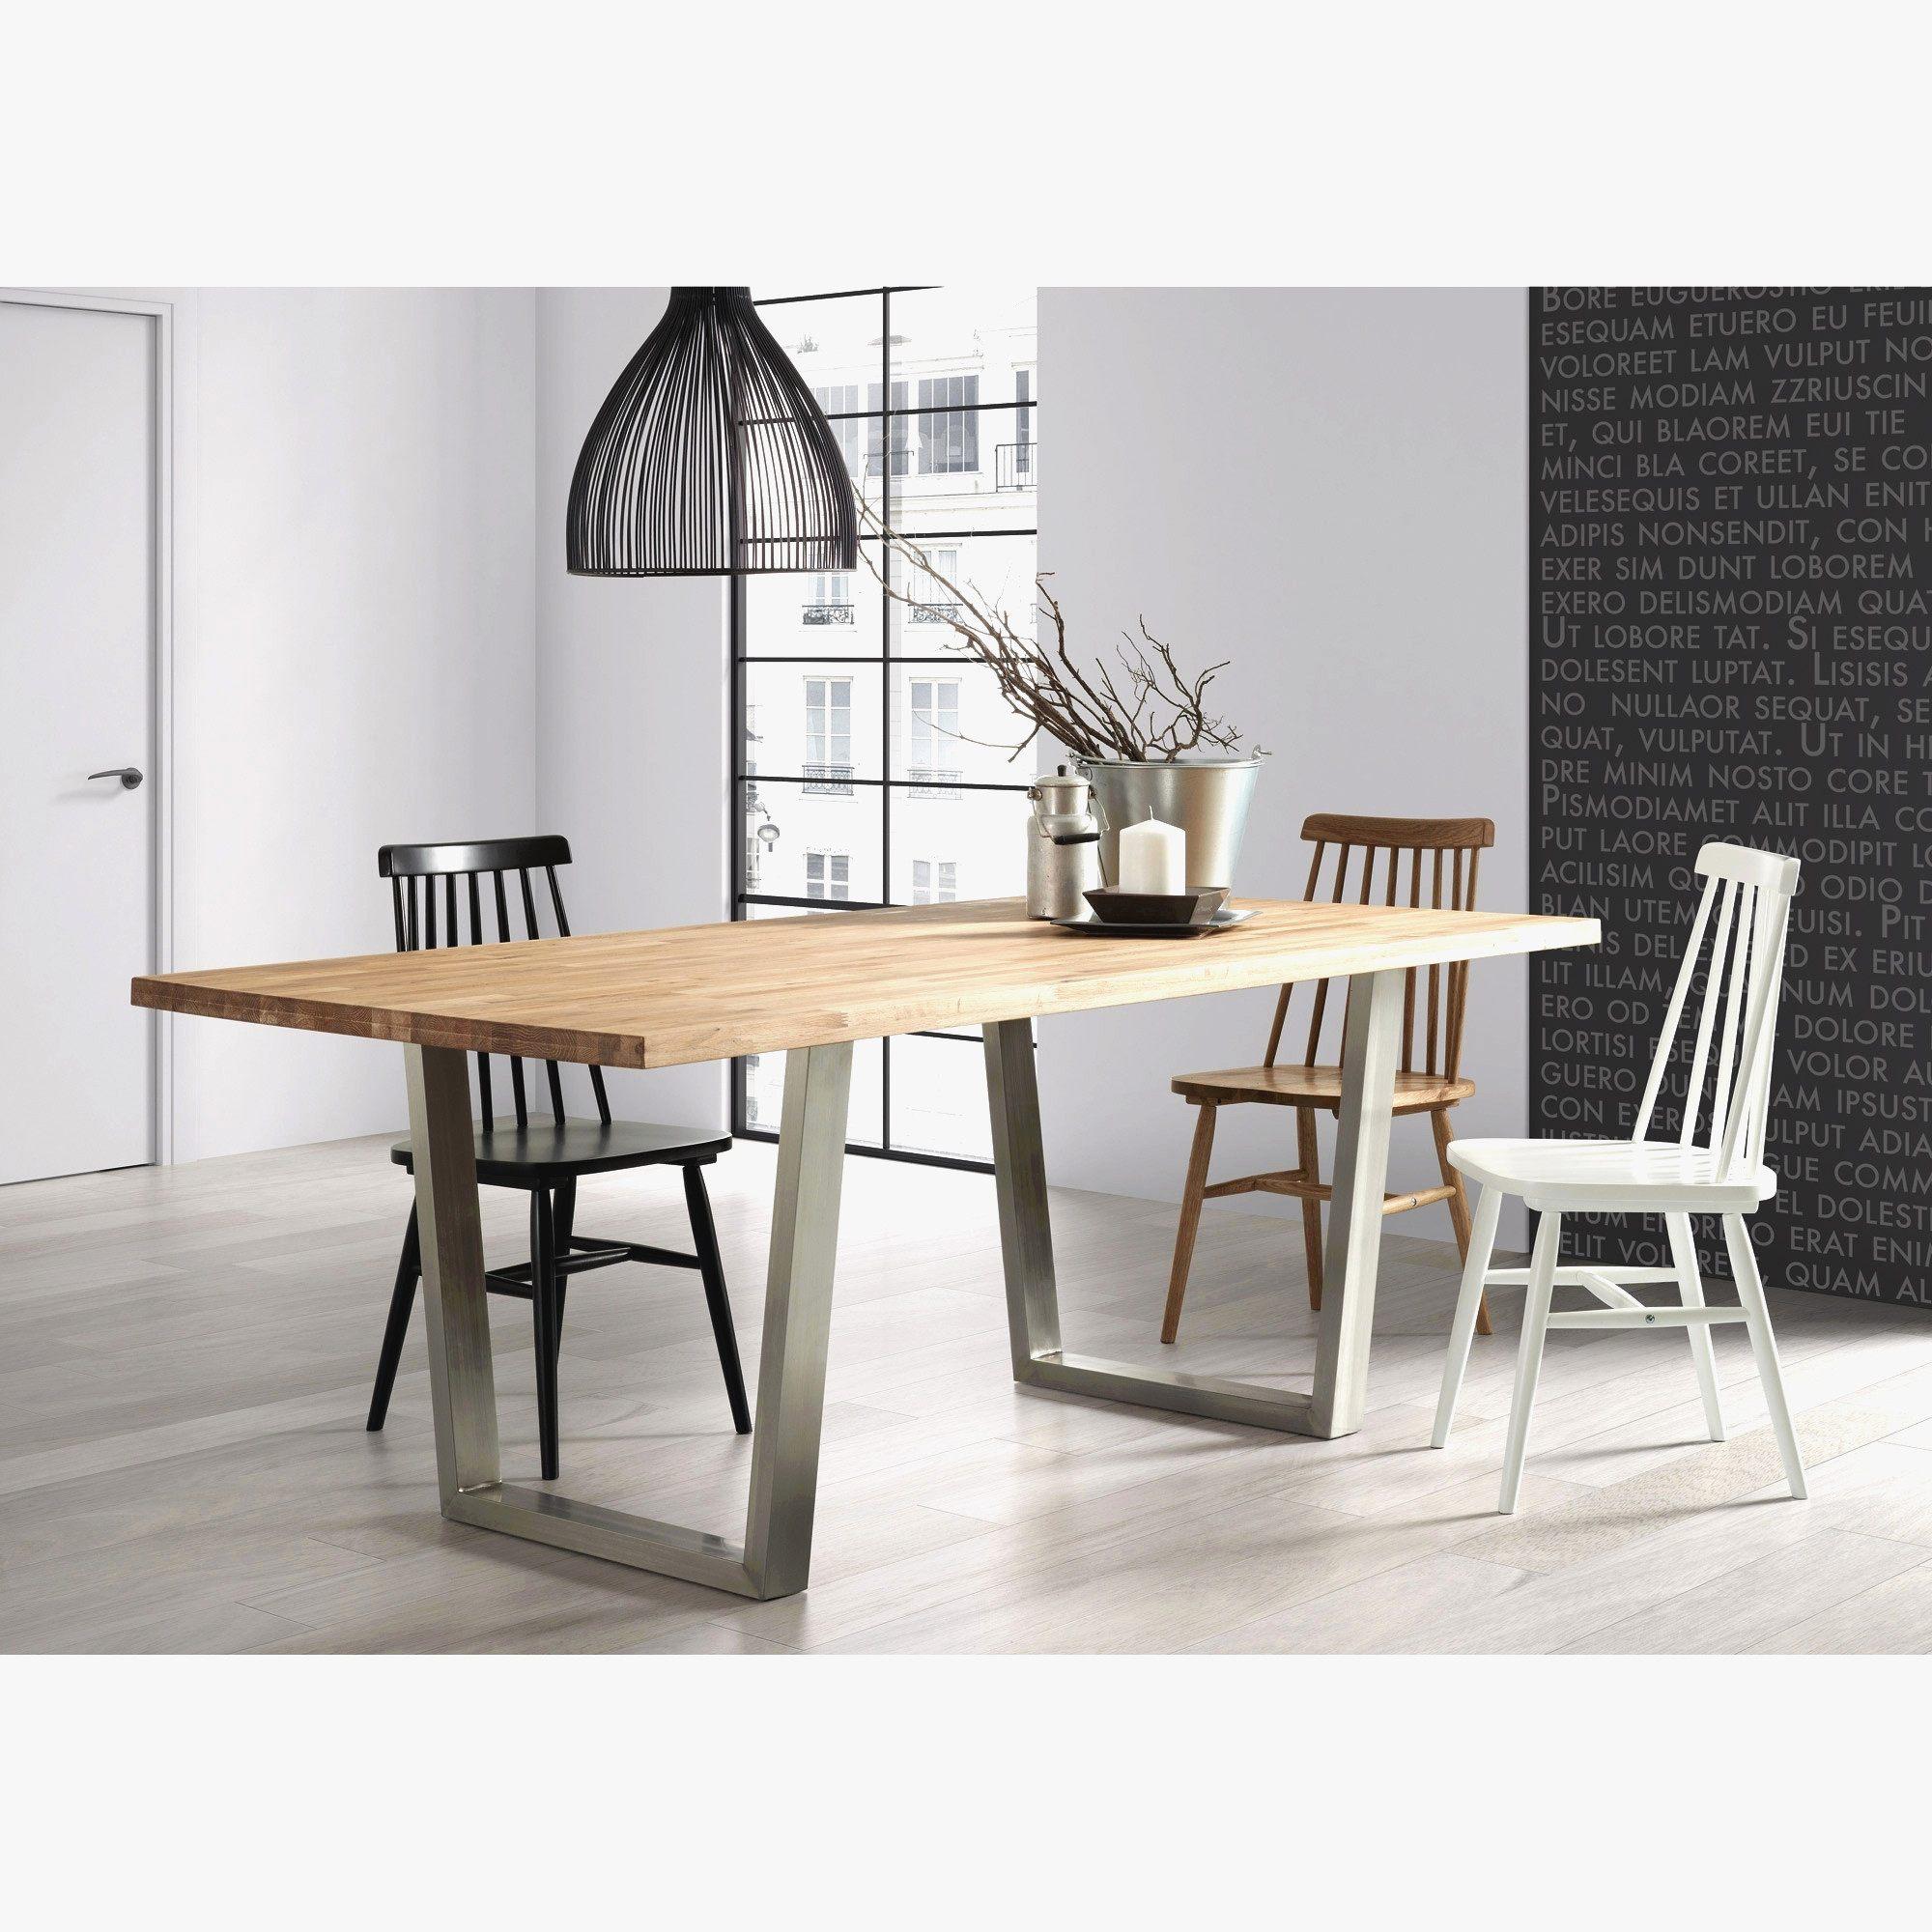 Lit Evolutif Pas Cher Inspiré Meilleur De Table Relevable Extensible Elegant 47 Pratique Table